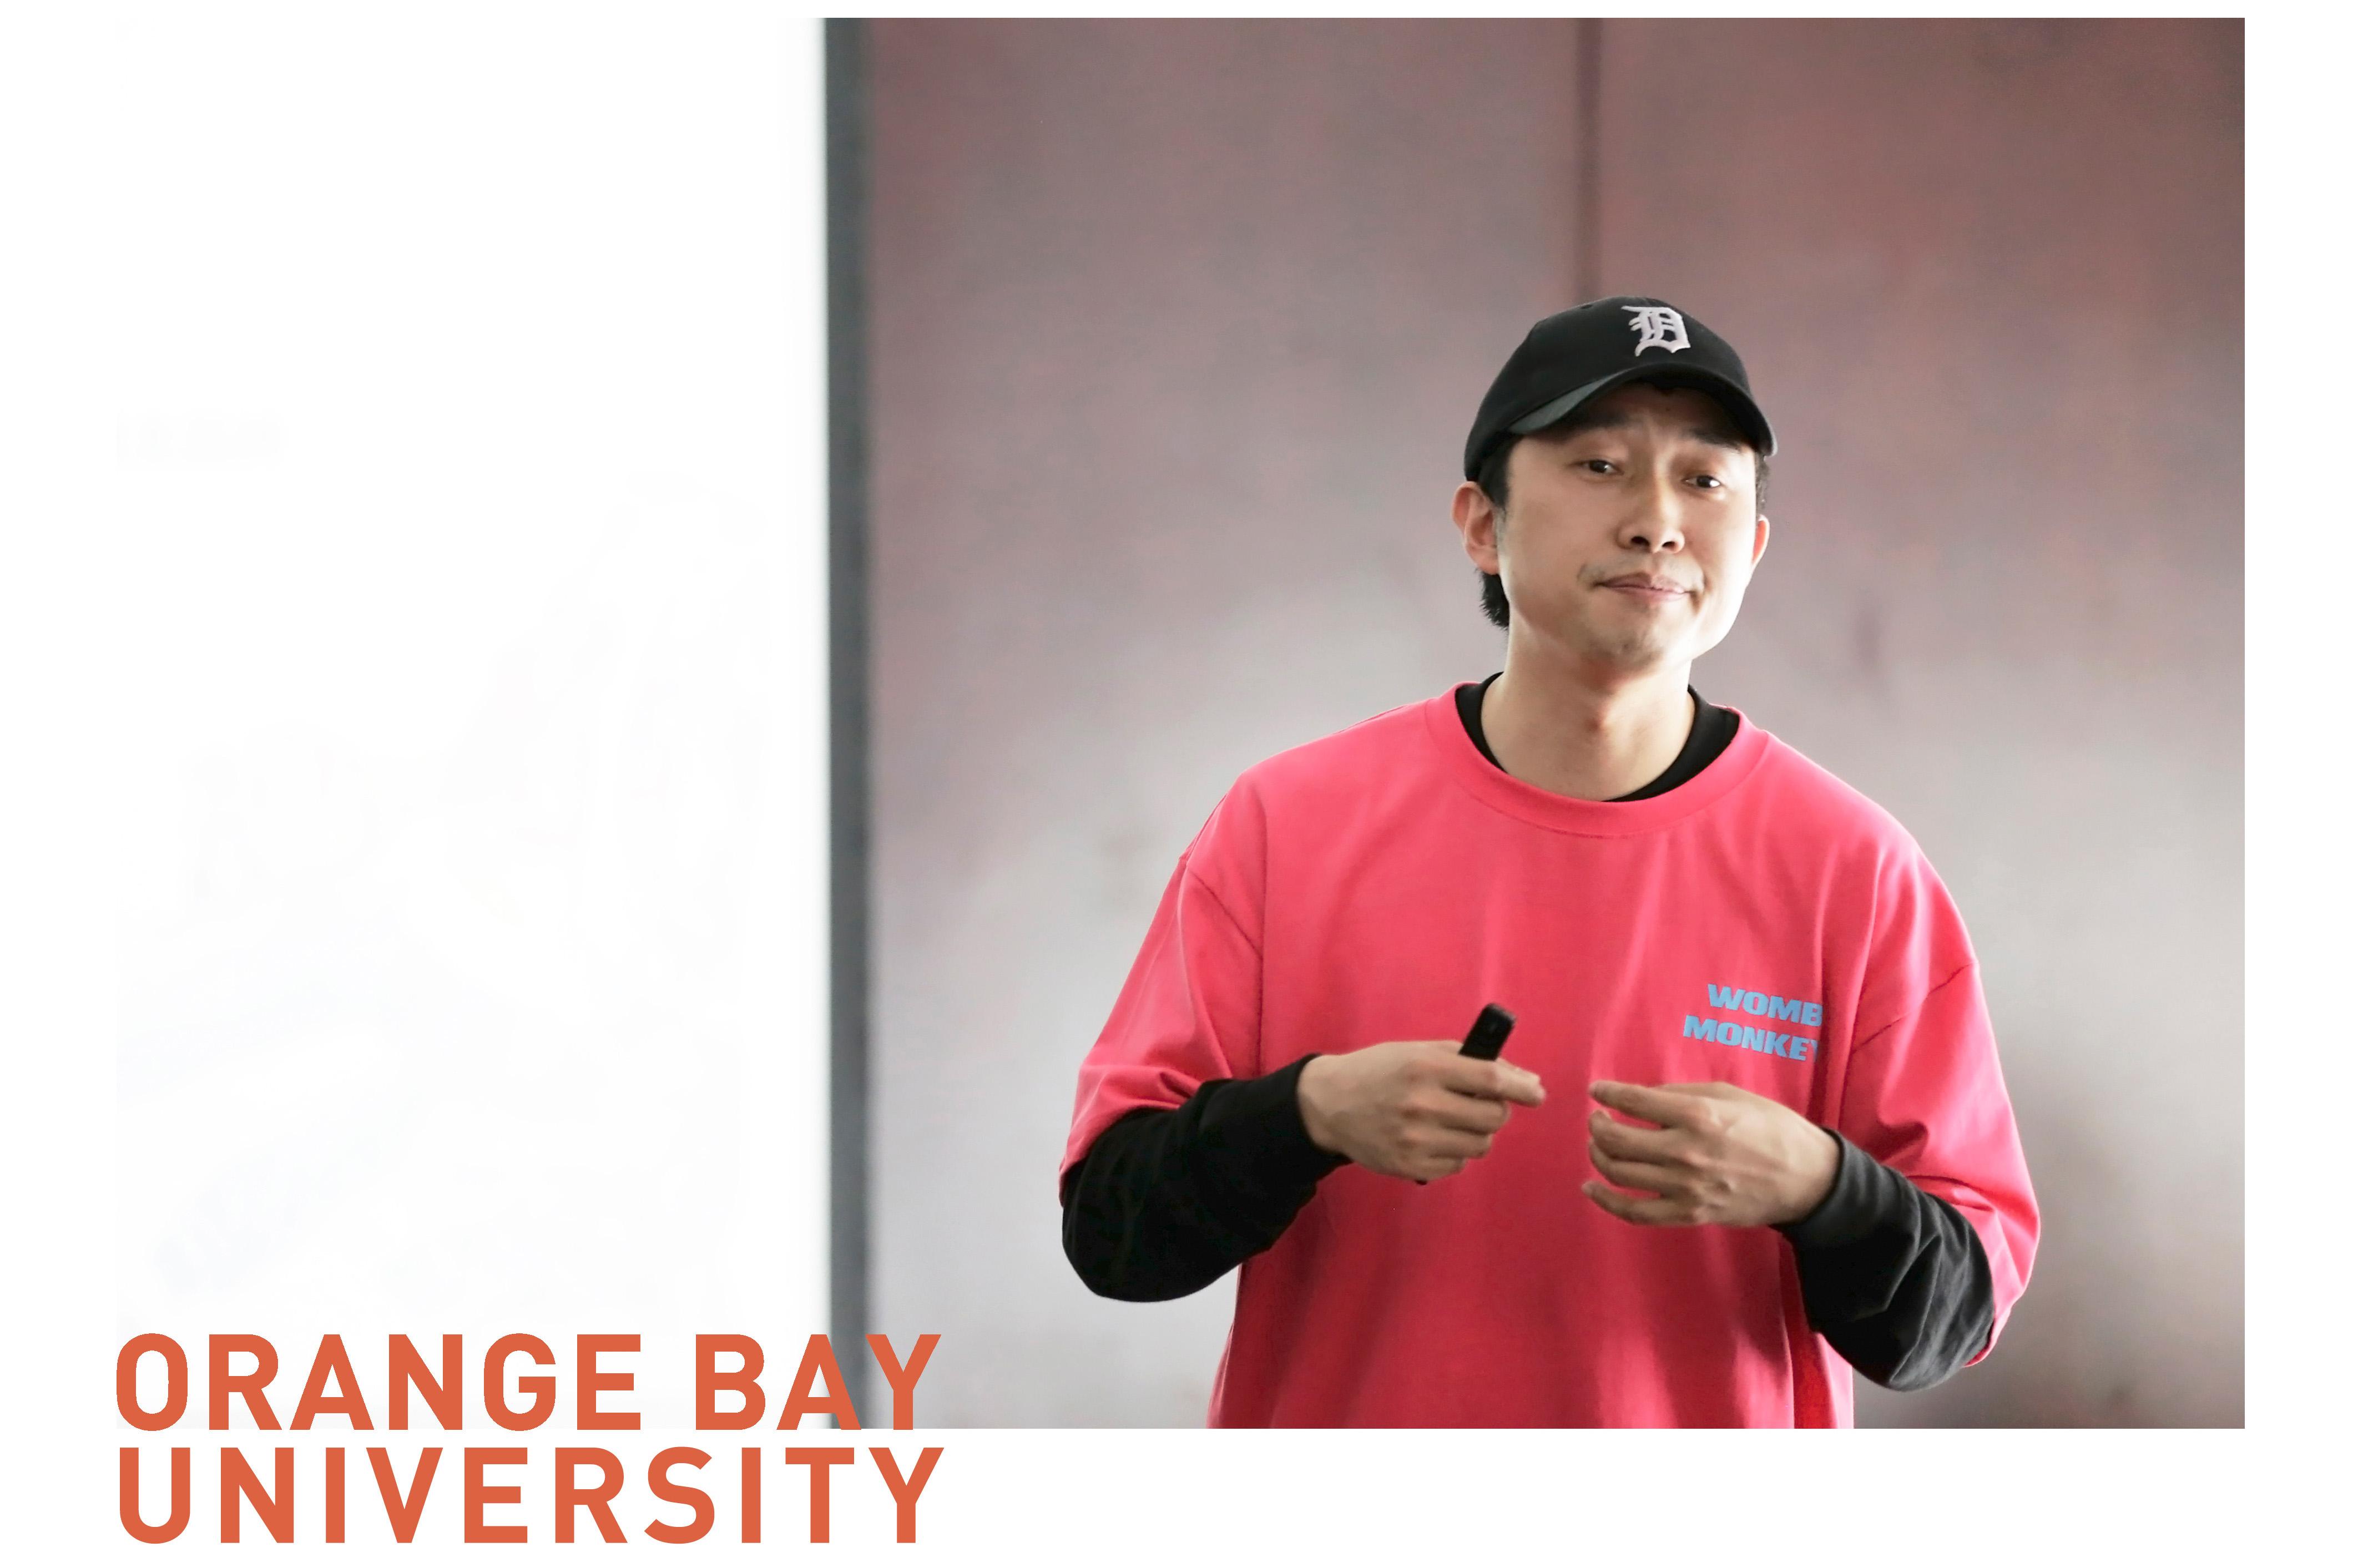 【橙湾课堂】包容与坚守,创新与变化:INXX联合创始人铁手谈一个潮牌创业公司的成长之路